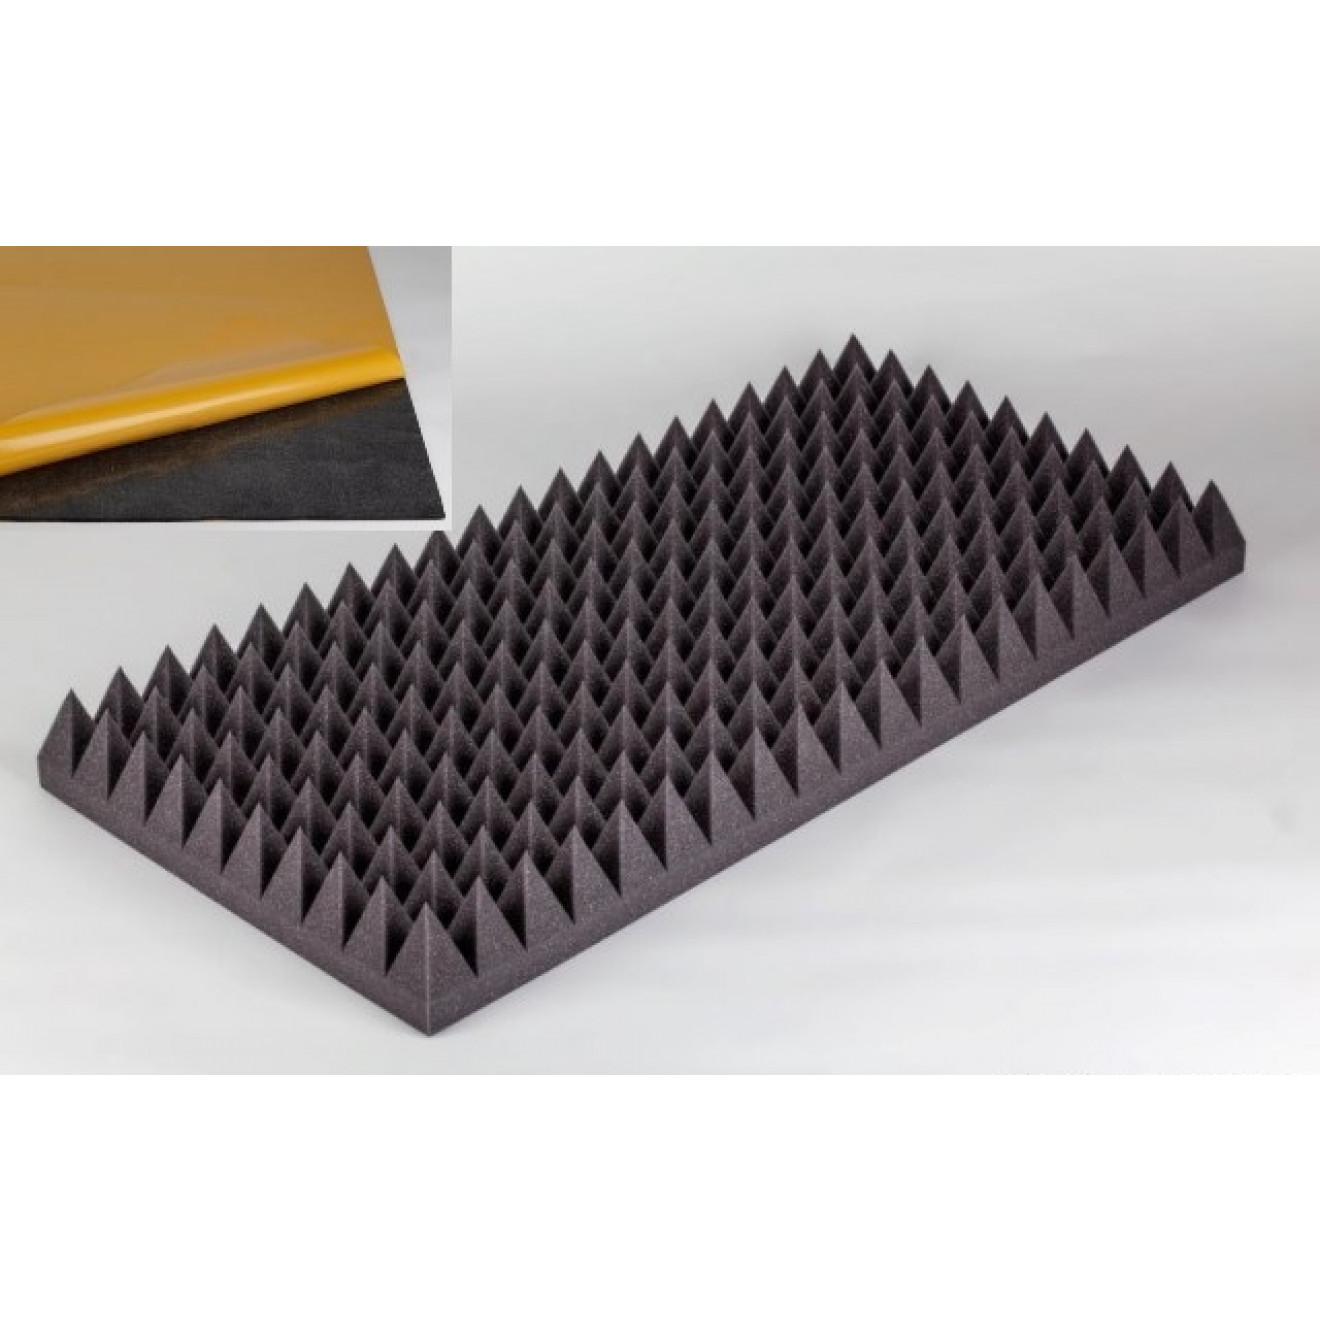 schaumstoff gnstig finest schaumstoff gnstig kaufen im onlineshop follyfoamde with schaumstoff. Black Bedroom Furniture Sets. Home Design Ideas